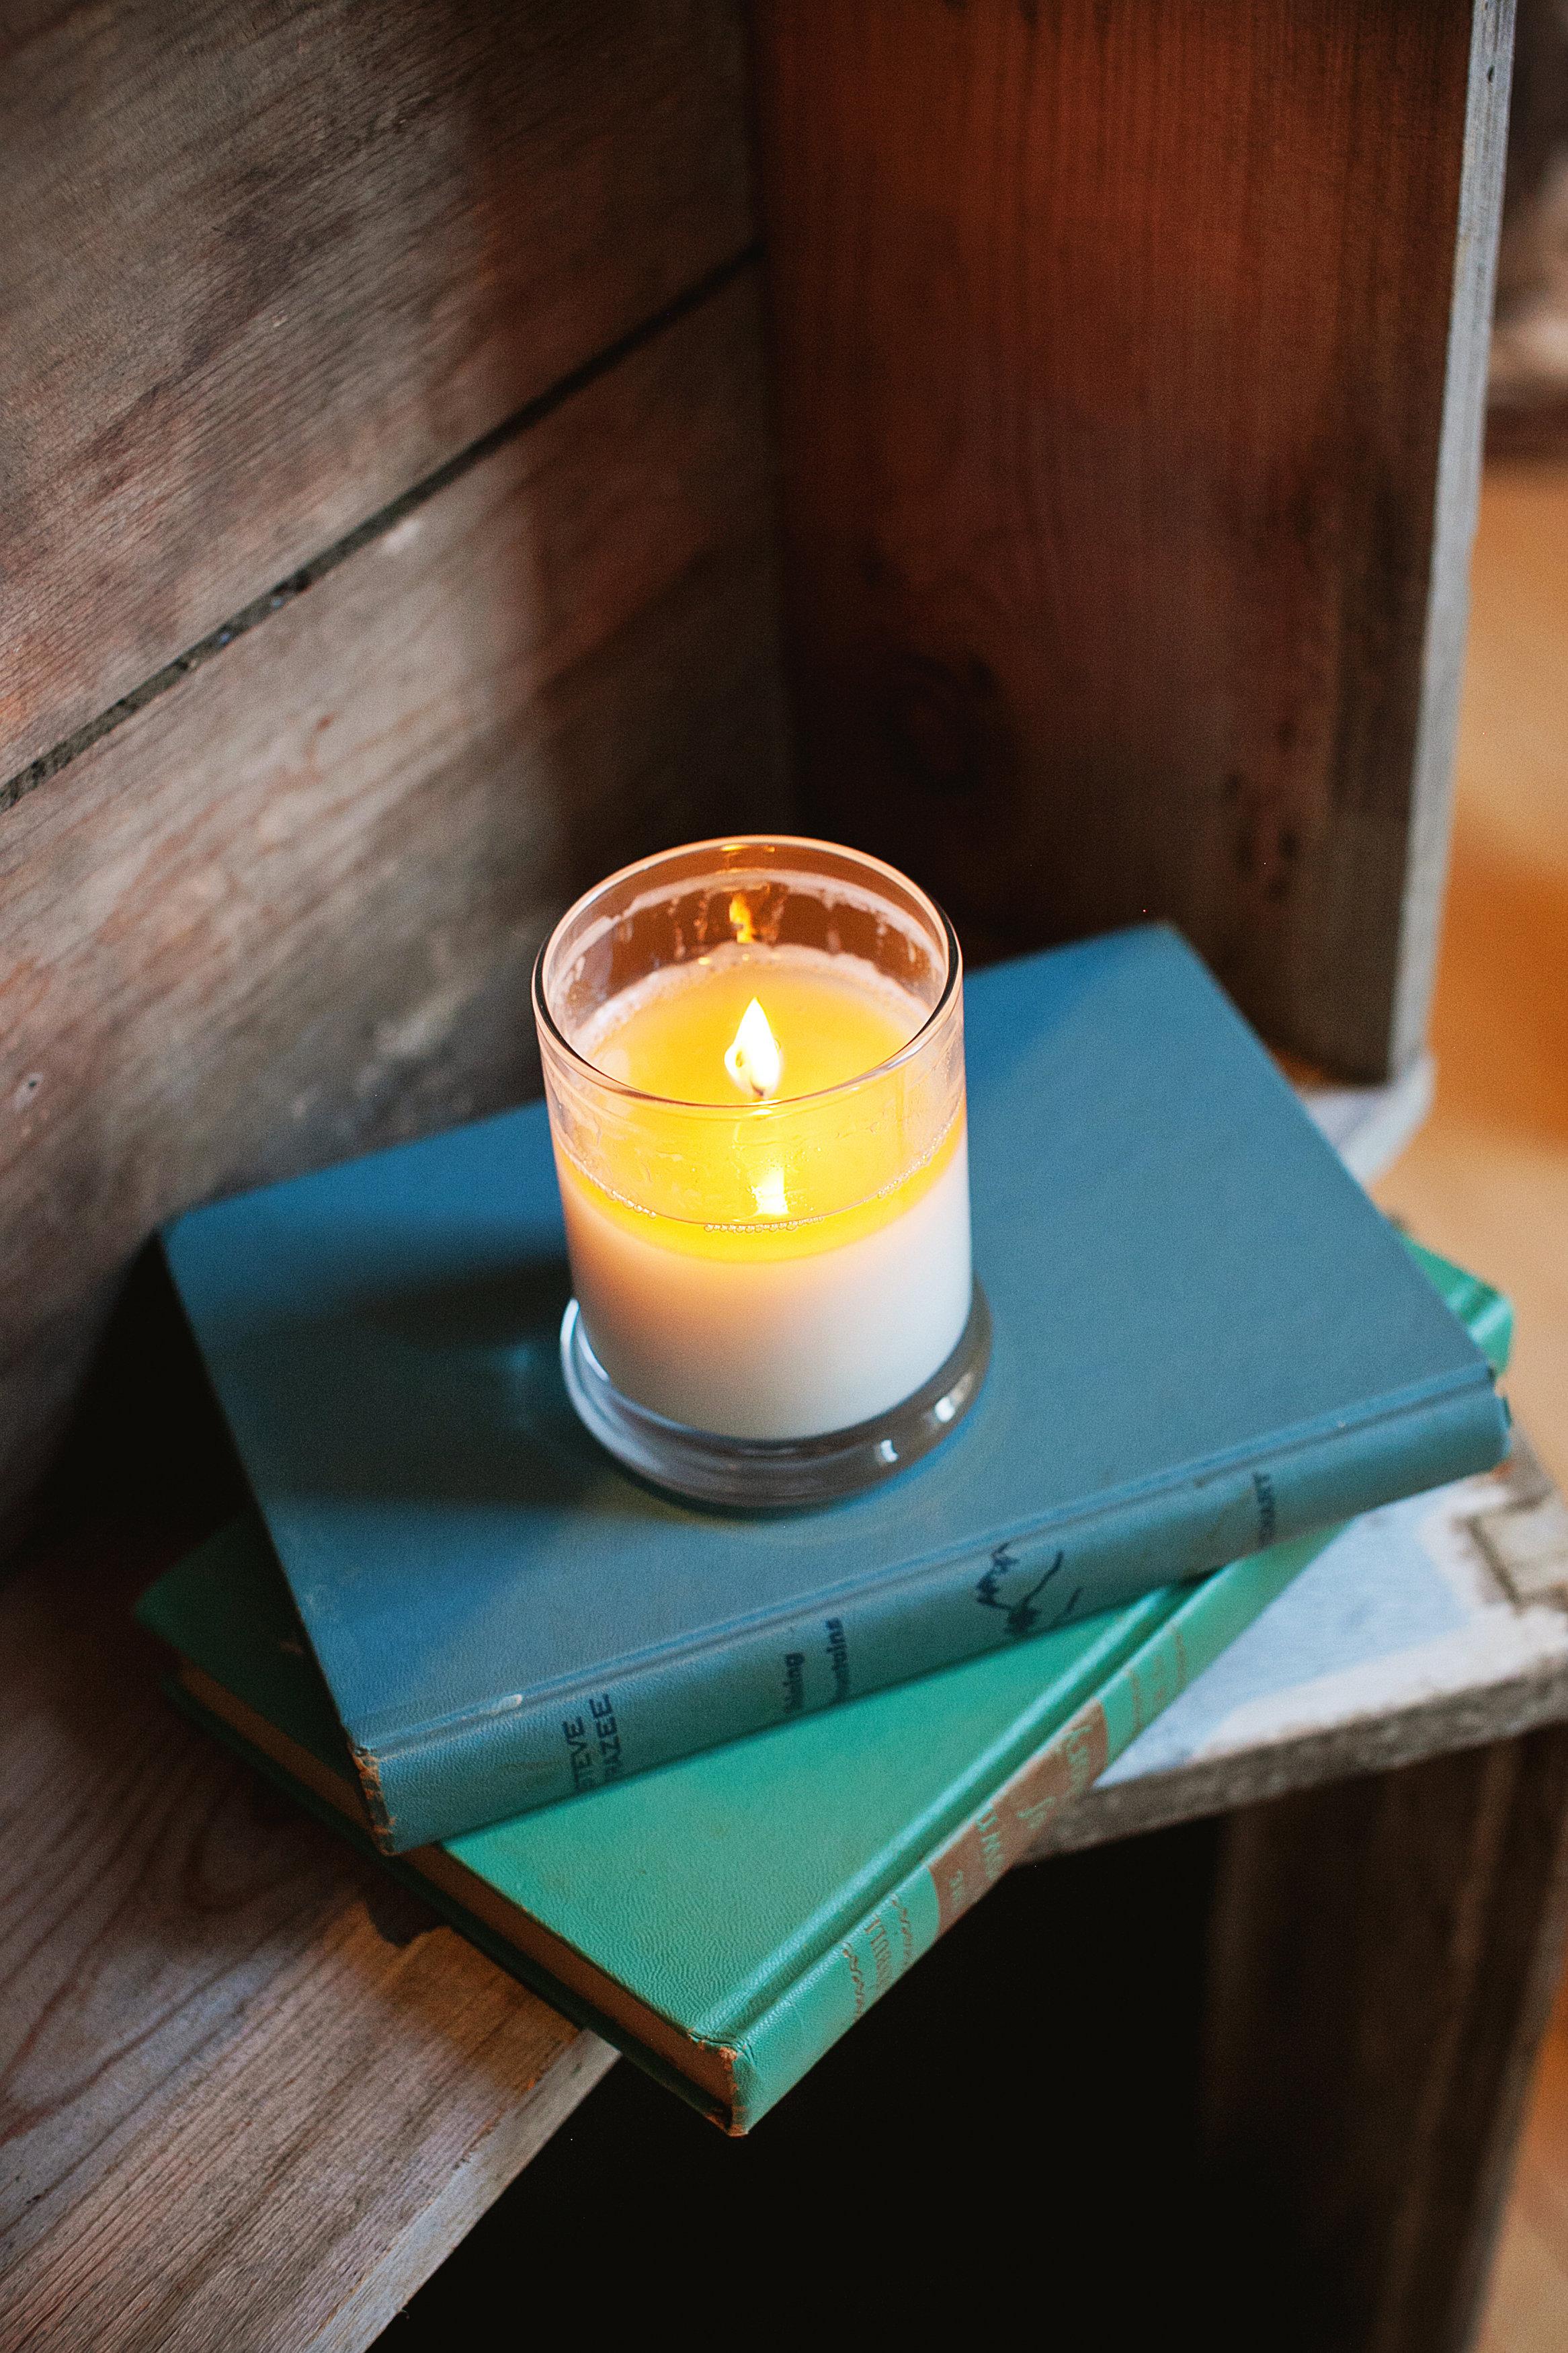 One Love Candle Bath-Product Photos-0115.jpg